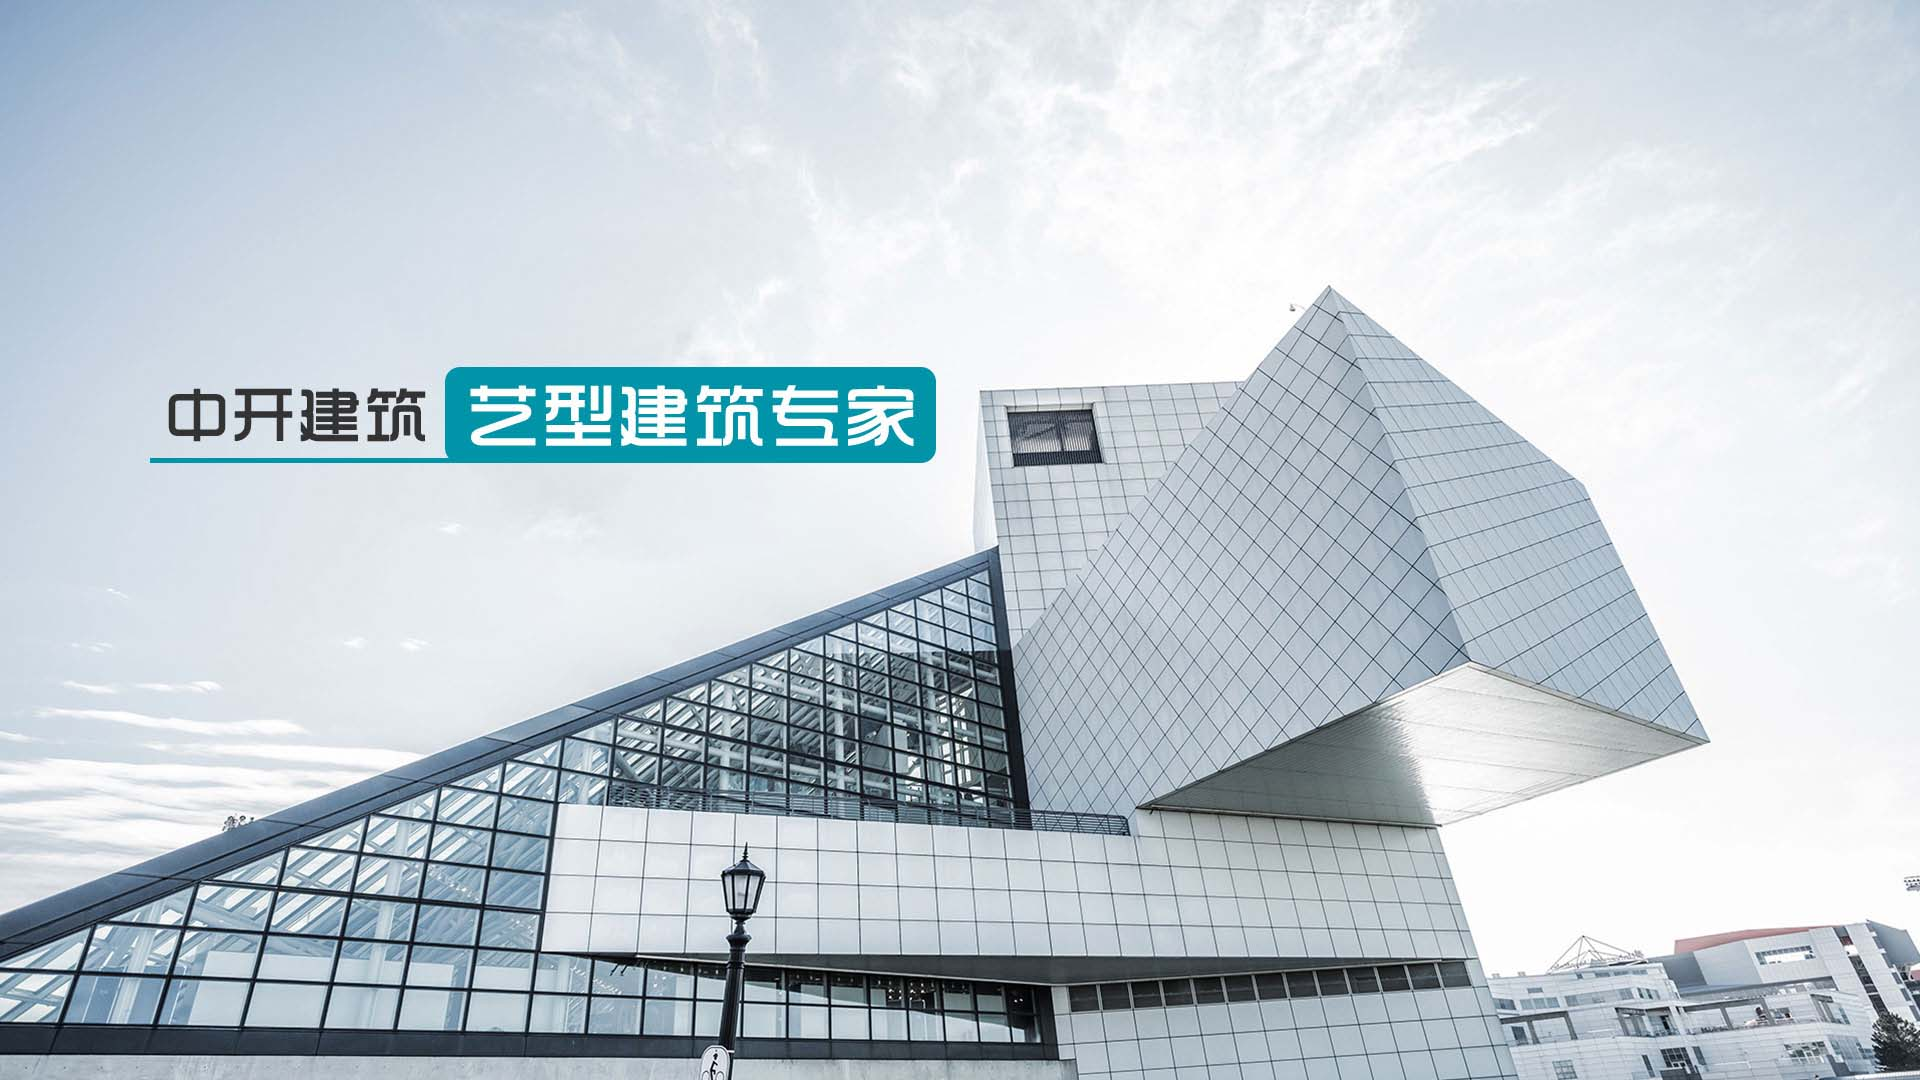 中开智慧艺型建筑幕墙设计公司